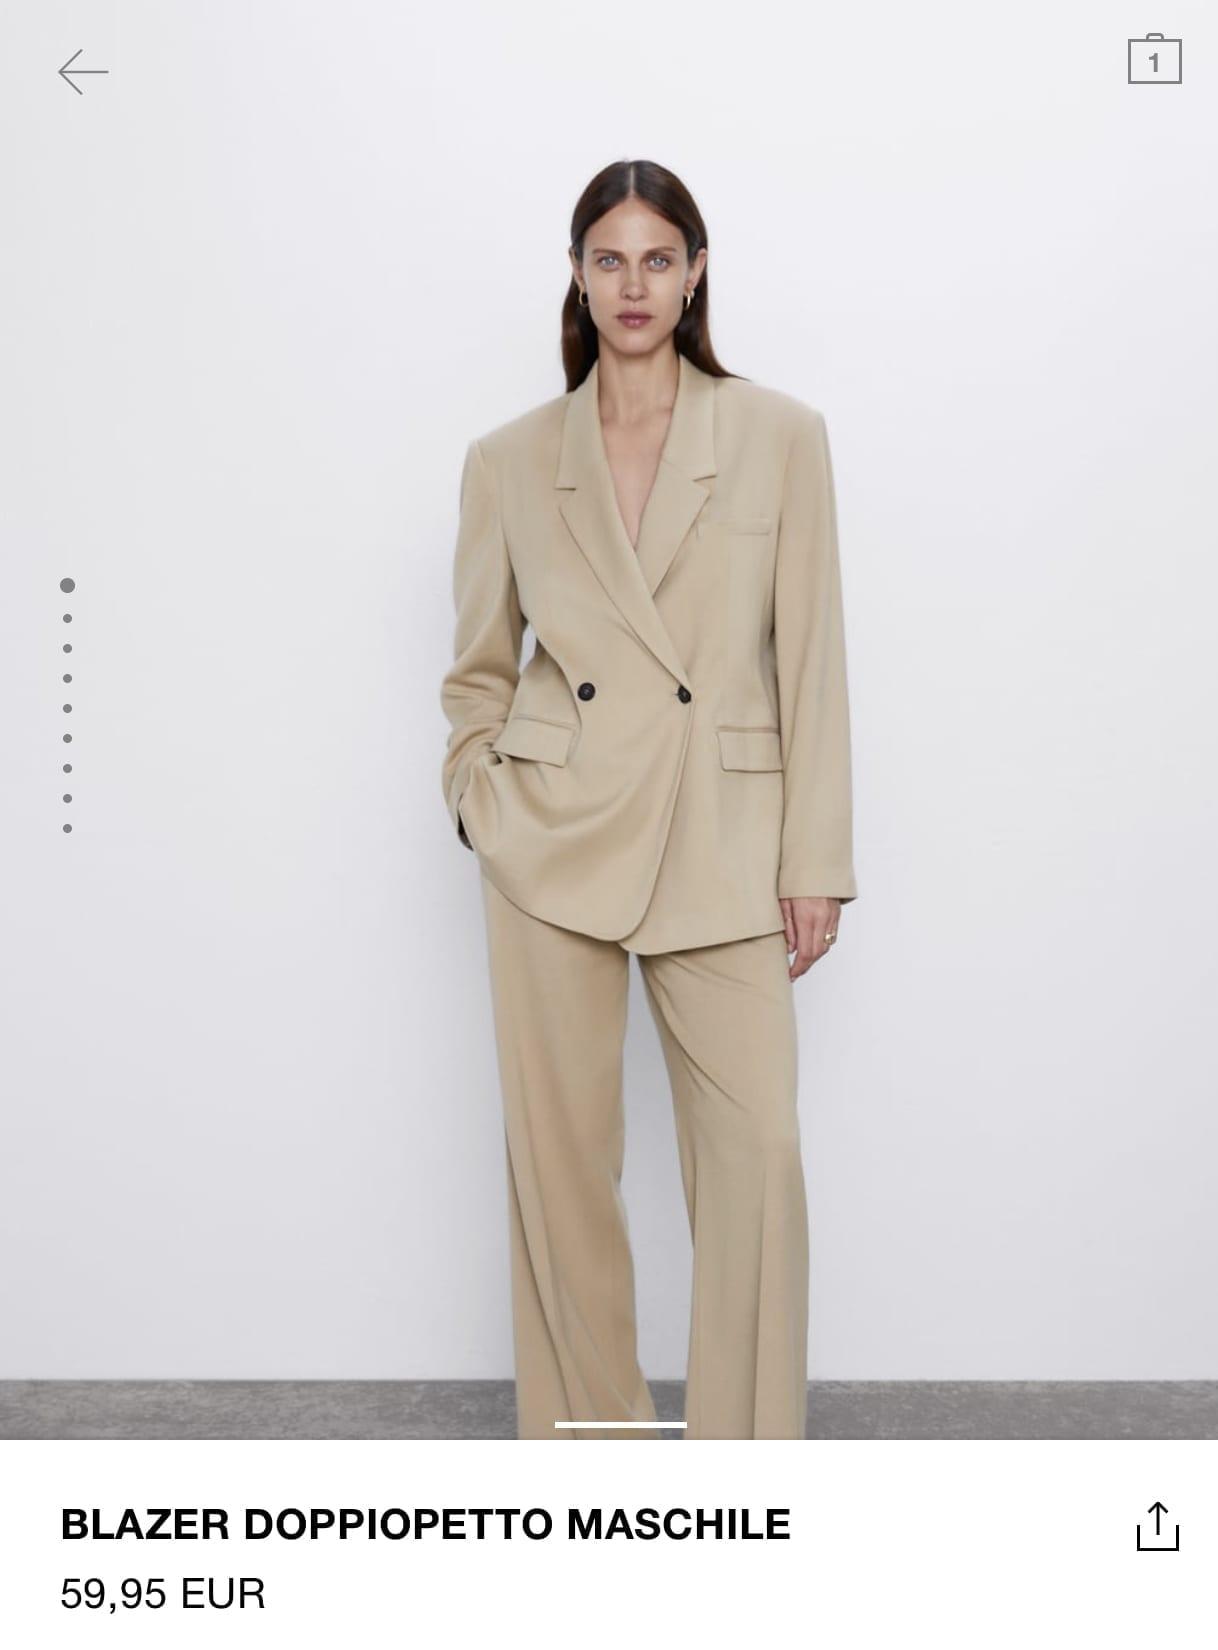 cosa comprare da zara autunno 2019, giacca beige zara 2019, come vestirsi minimal chic